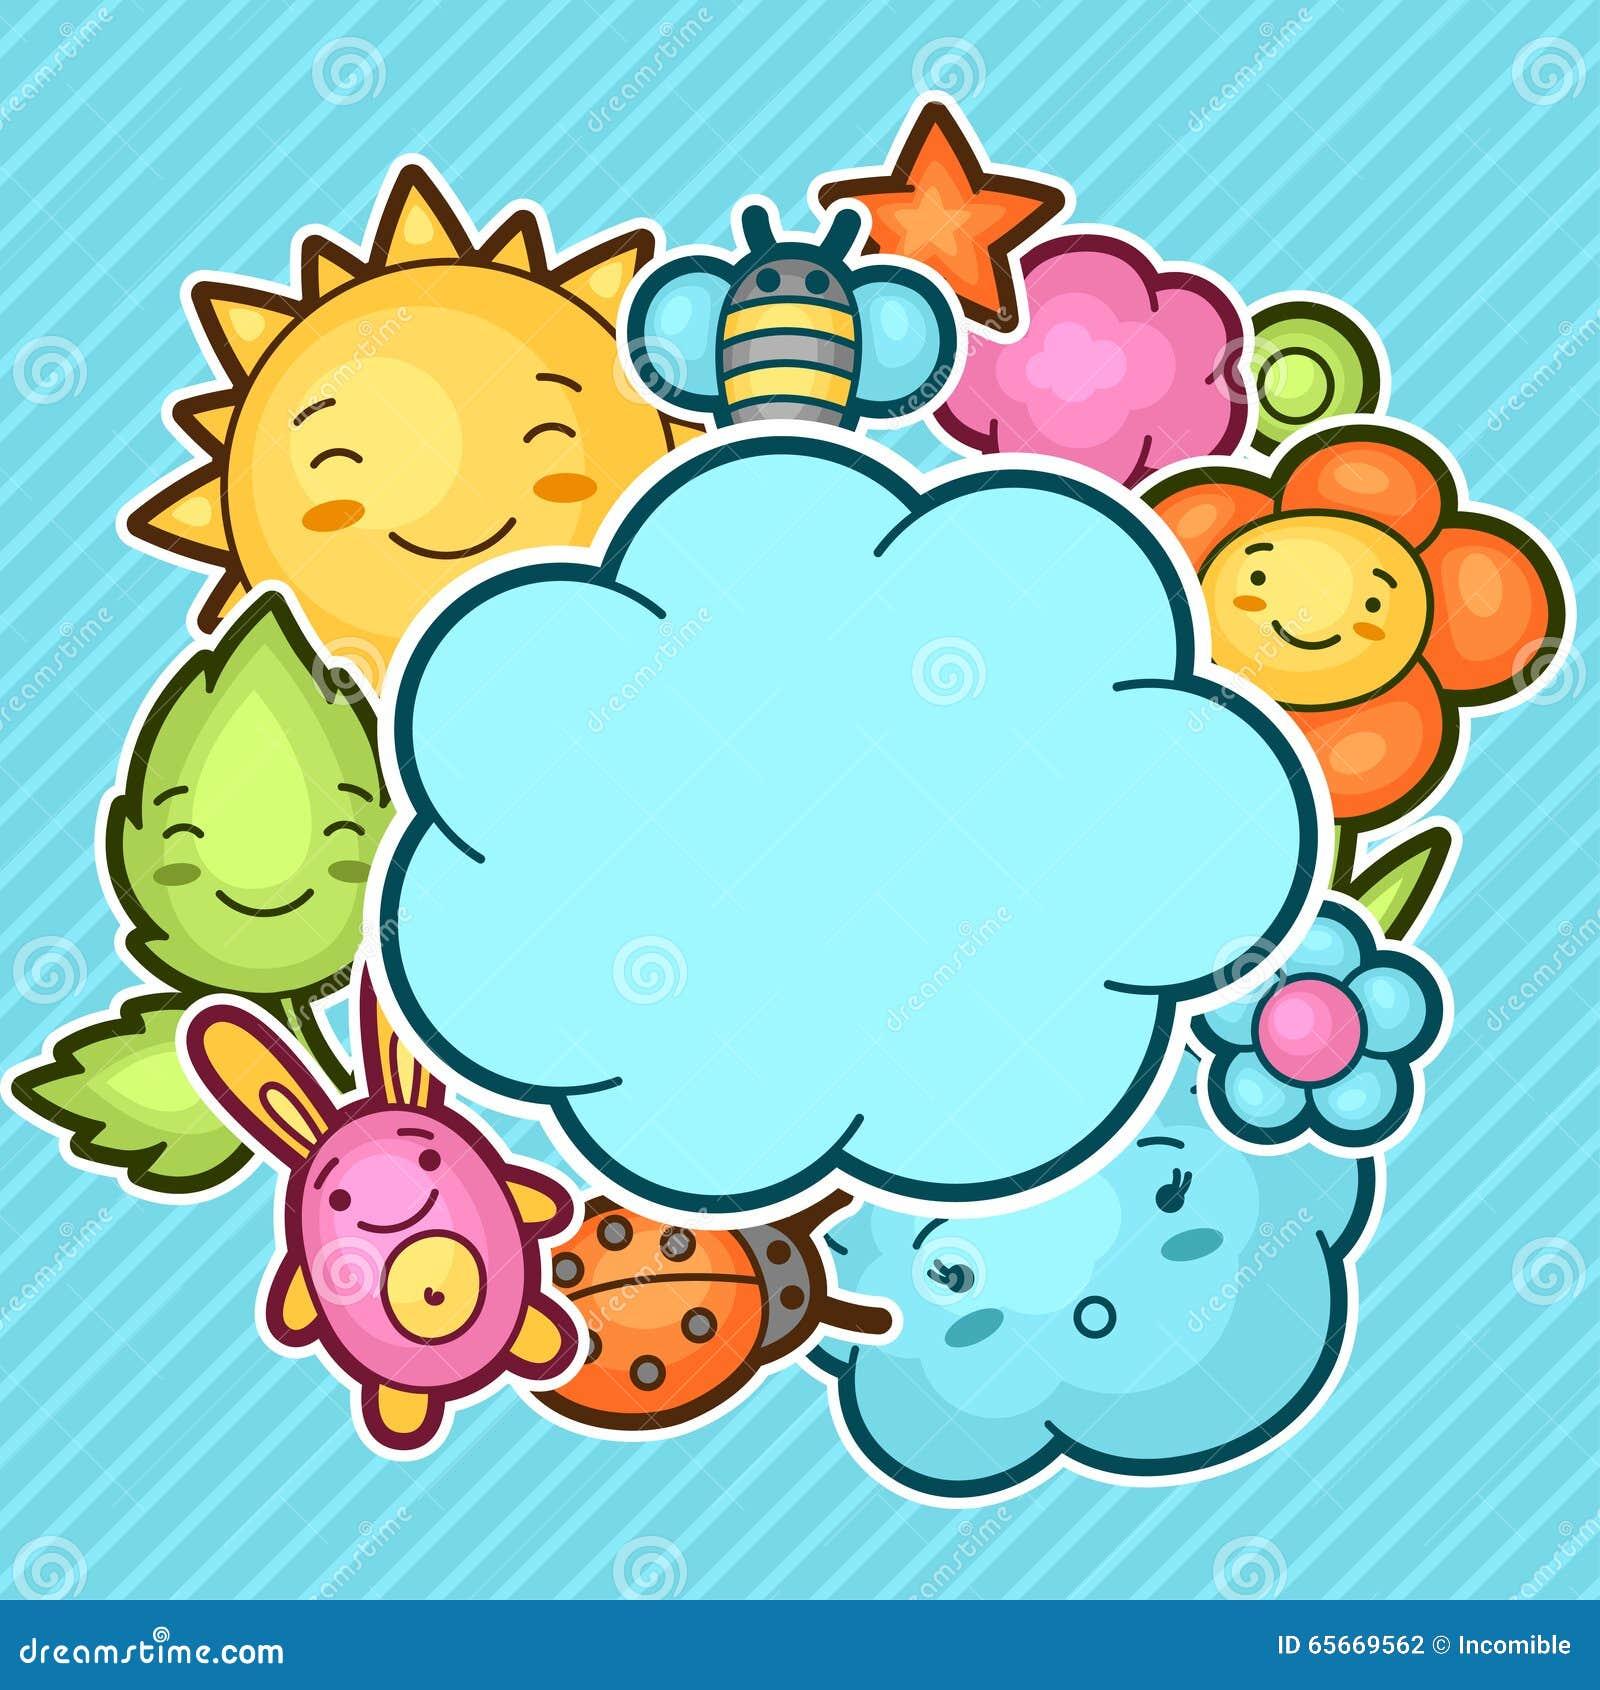 Leuke kindachtergrond met kawaiikrabbels De lenteinzameling van de vrolijke zon van beeldverhaalkarakters, wolk, bloem, blad